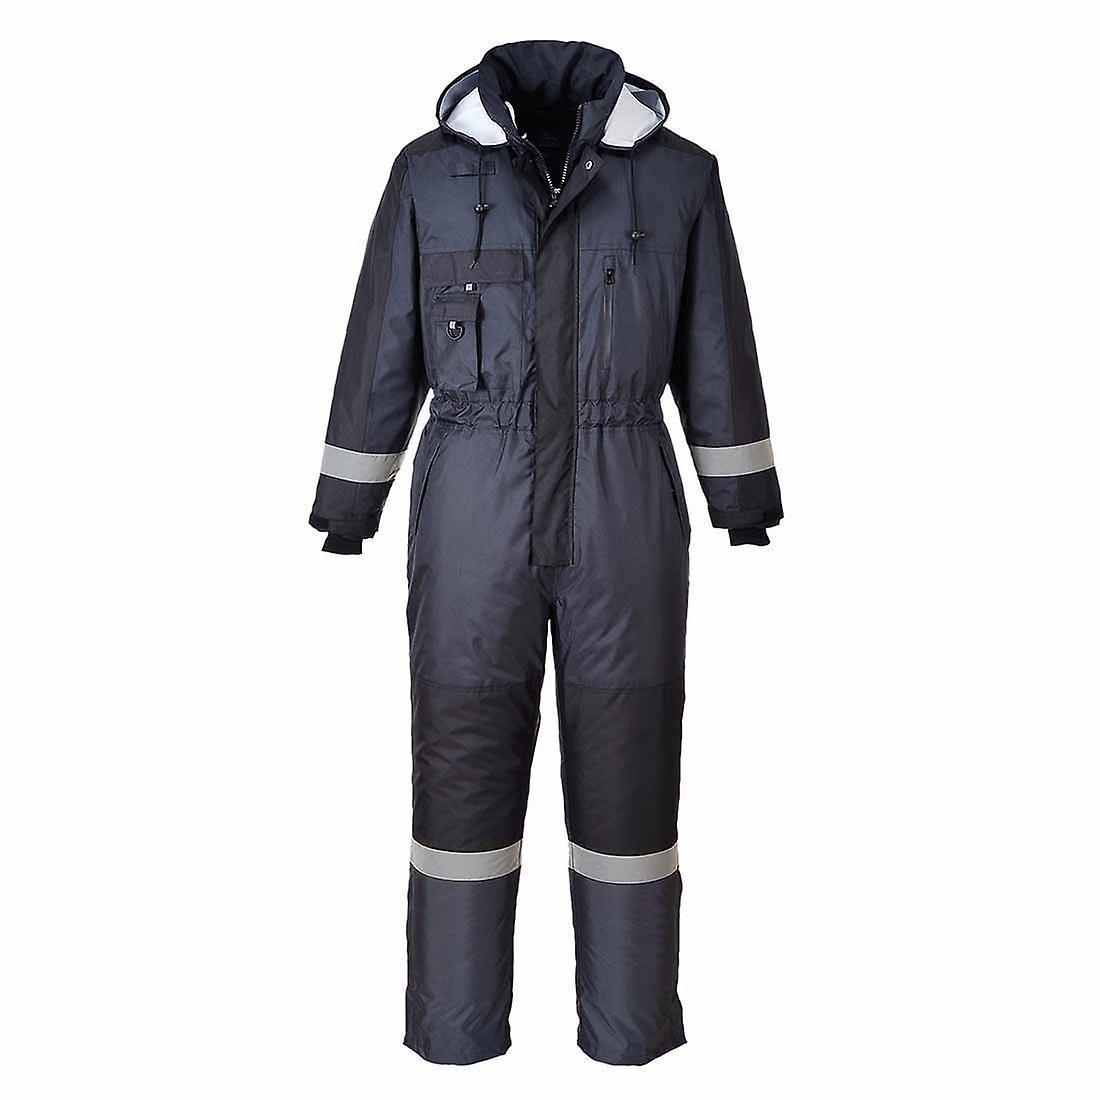 بورتويست--فوطة الشتاء الدافئة الوظيفية عمال في الهواء الطلق مع حزمة هود بعيداً